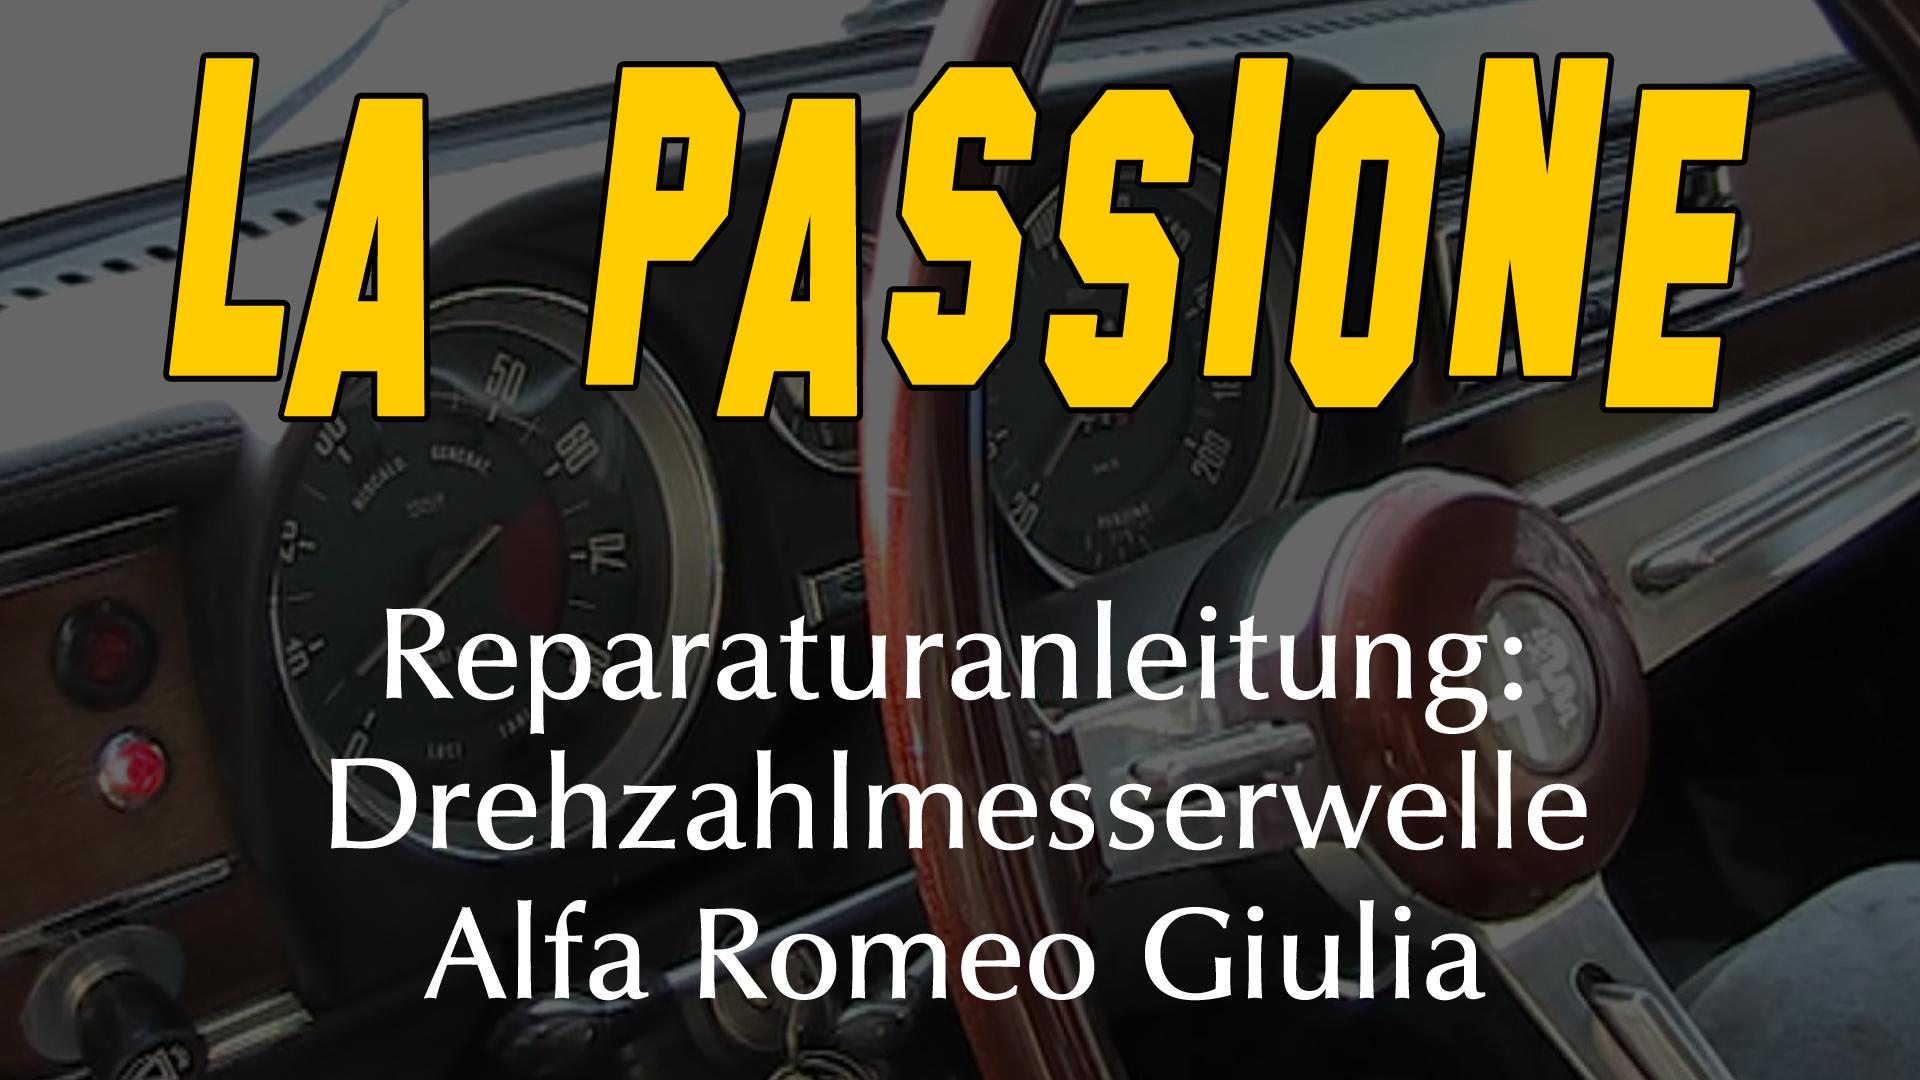 Reparatur- und Werkstattanleitung: Drehzahlmesserwelle Alfa Romeo Giulia